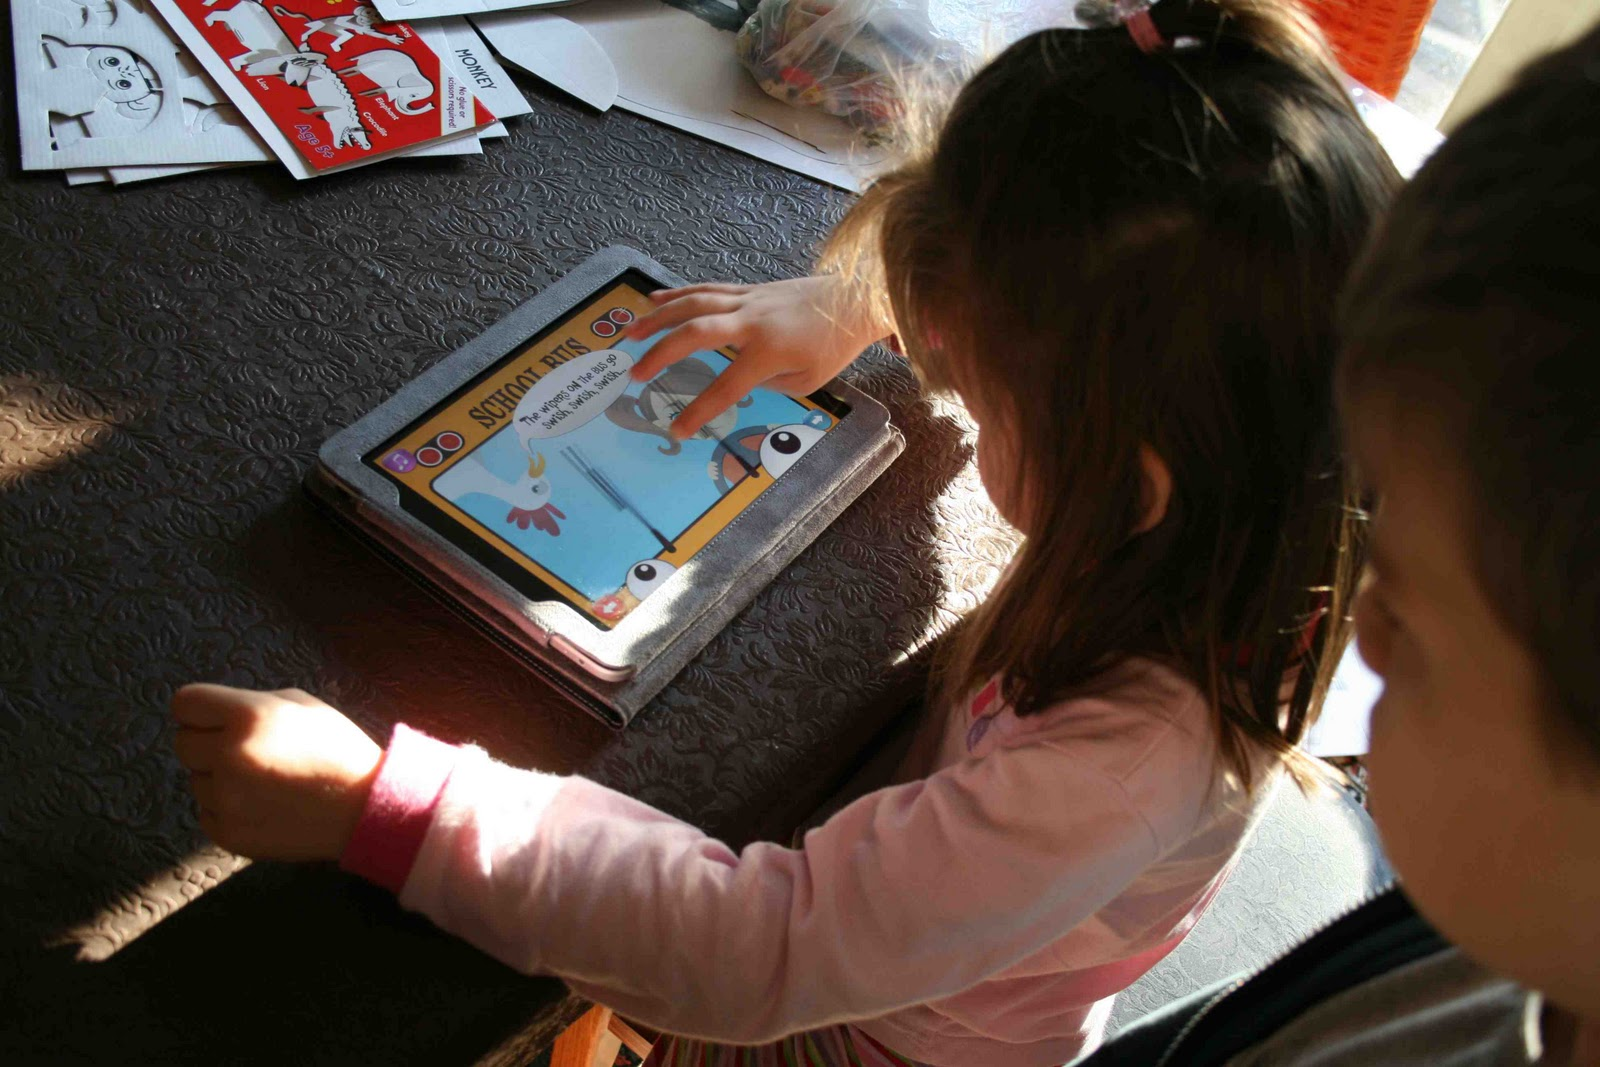 http://3.bp.blogspot.com/_3M-N-pevHKY/TRMpe3zLqzI/AAAAAAAAEFQ/cF232V2v4LU/s1600/iPad.jpg